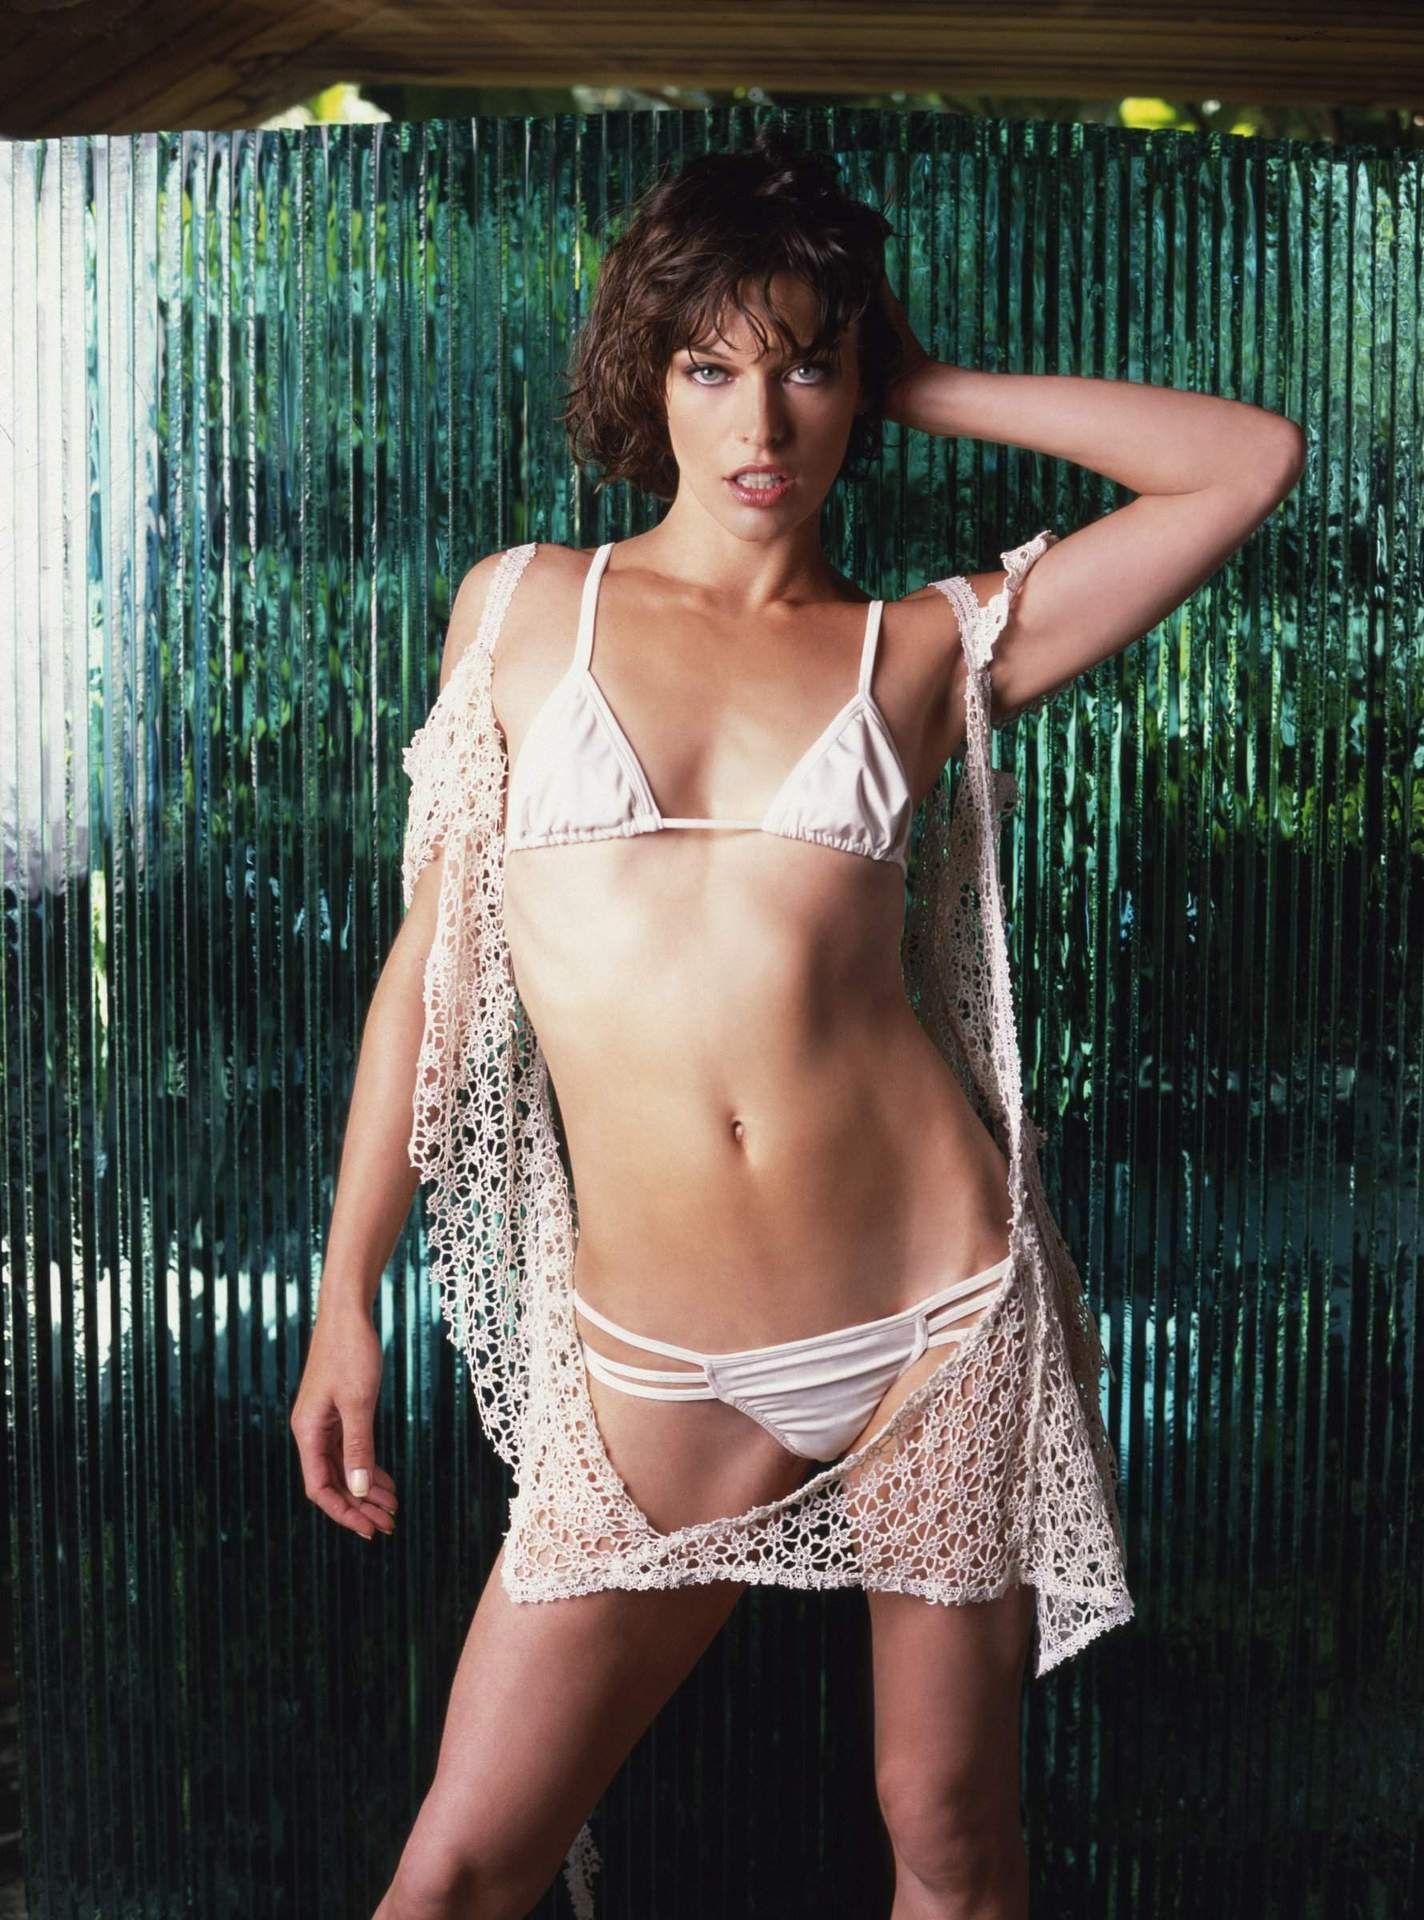 breast Milla jovovich